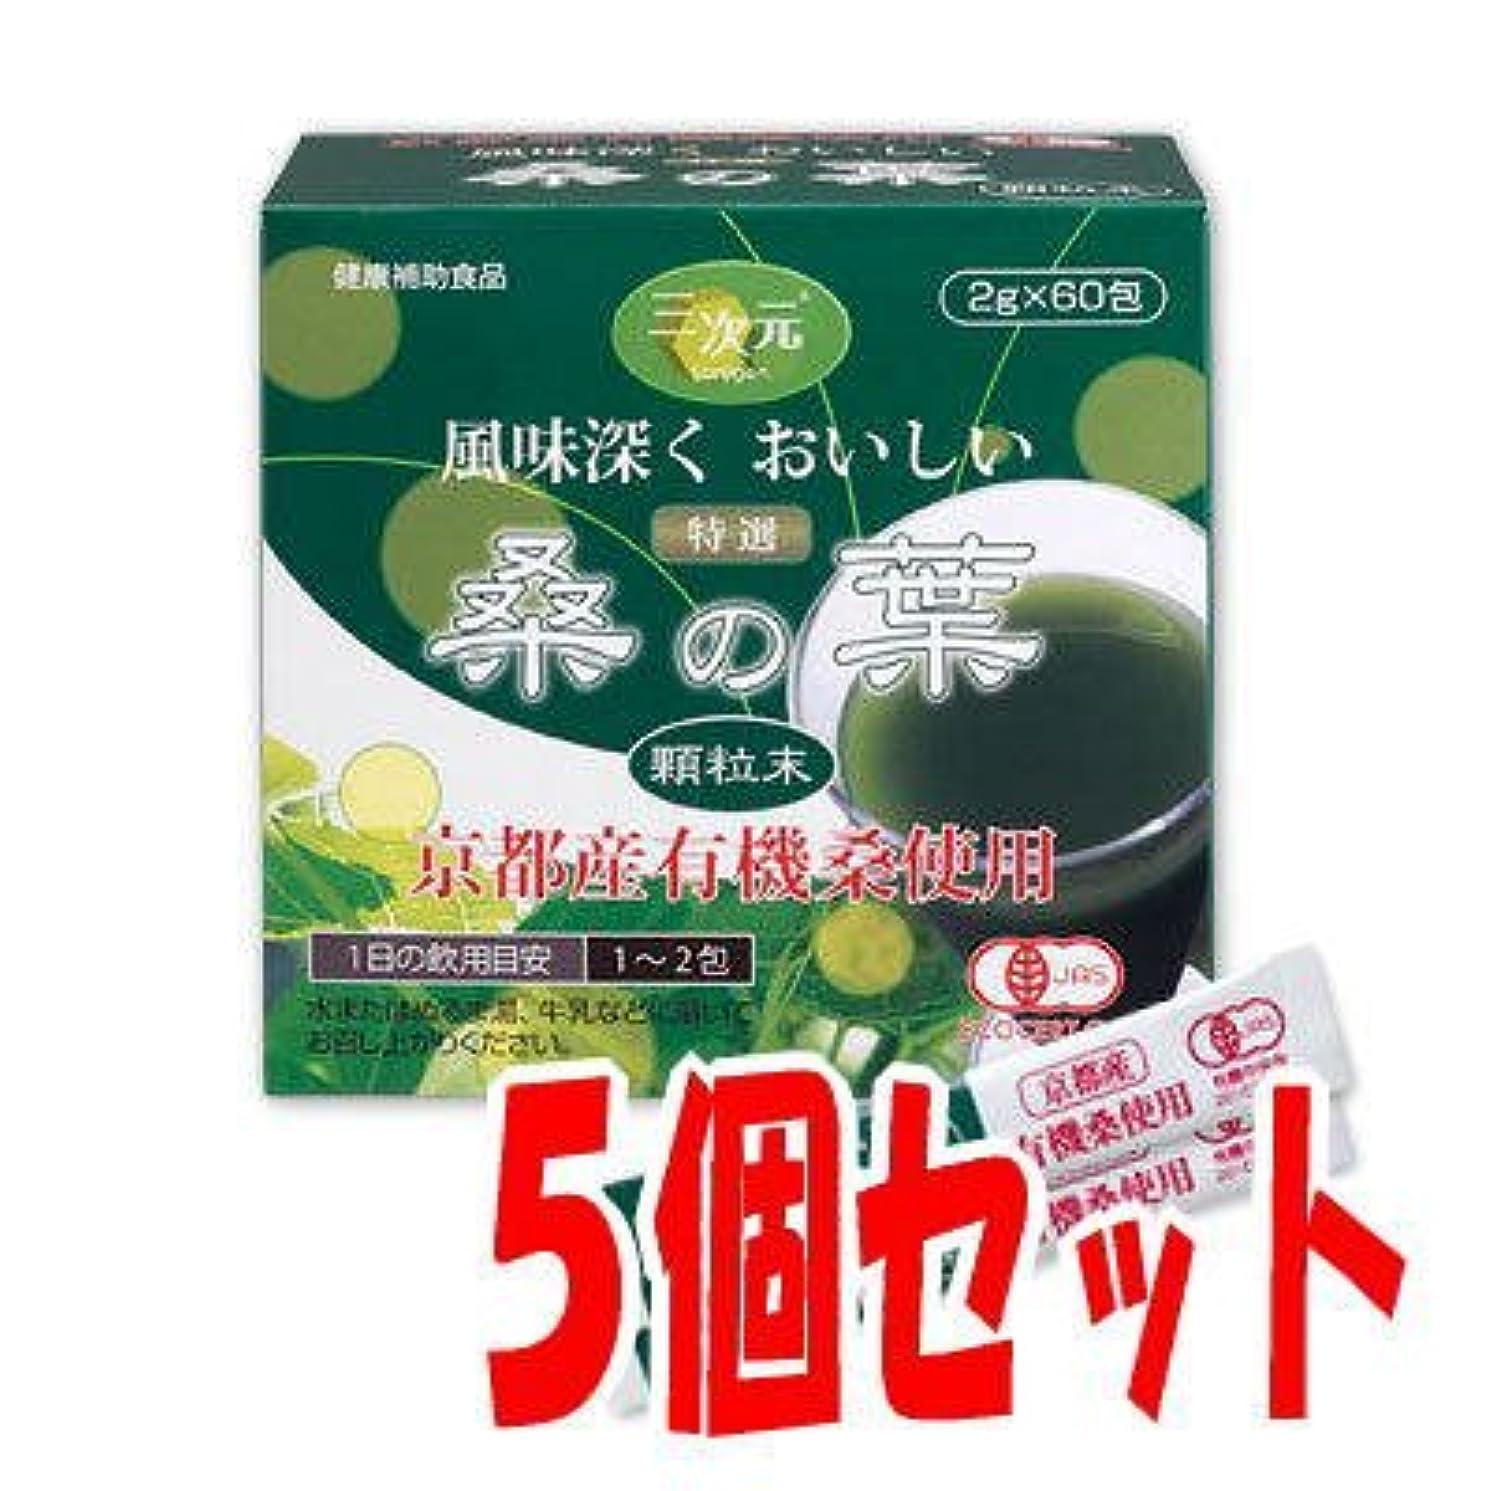 レンダリング公式ストレスの多い特選「桑の葉」顆粒末1箱60包入×5箱セット 国産(京都産)有機桑使用 苦くなく風味深くおいしい青汁